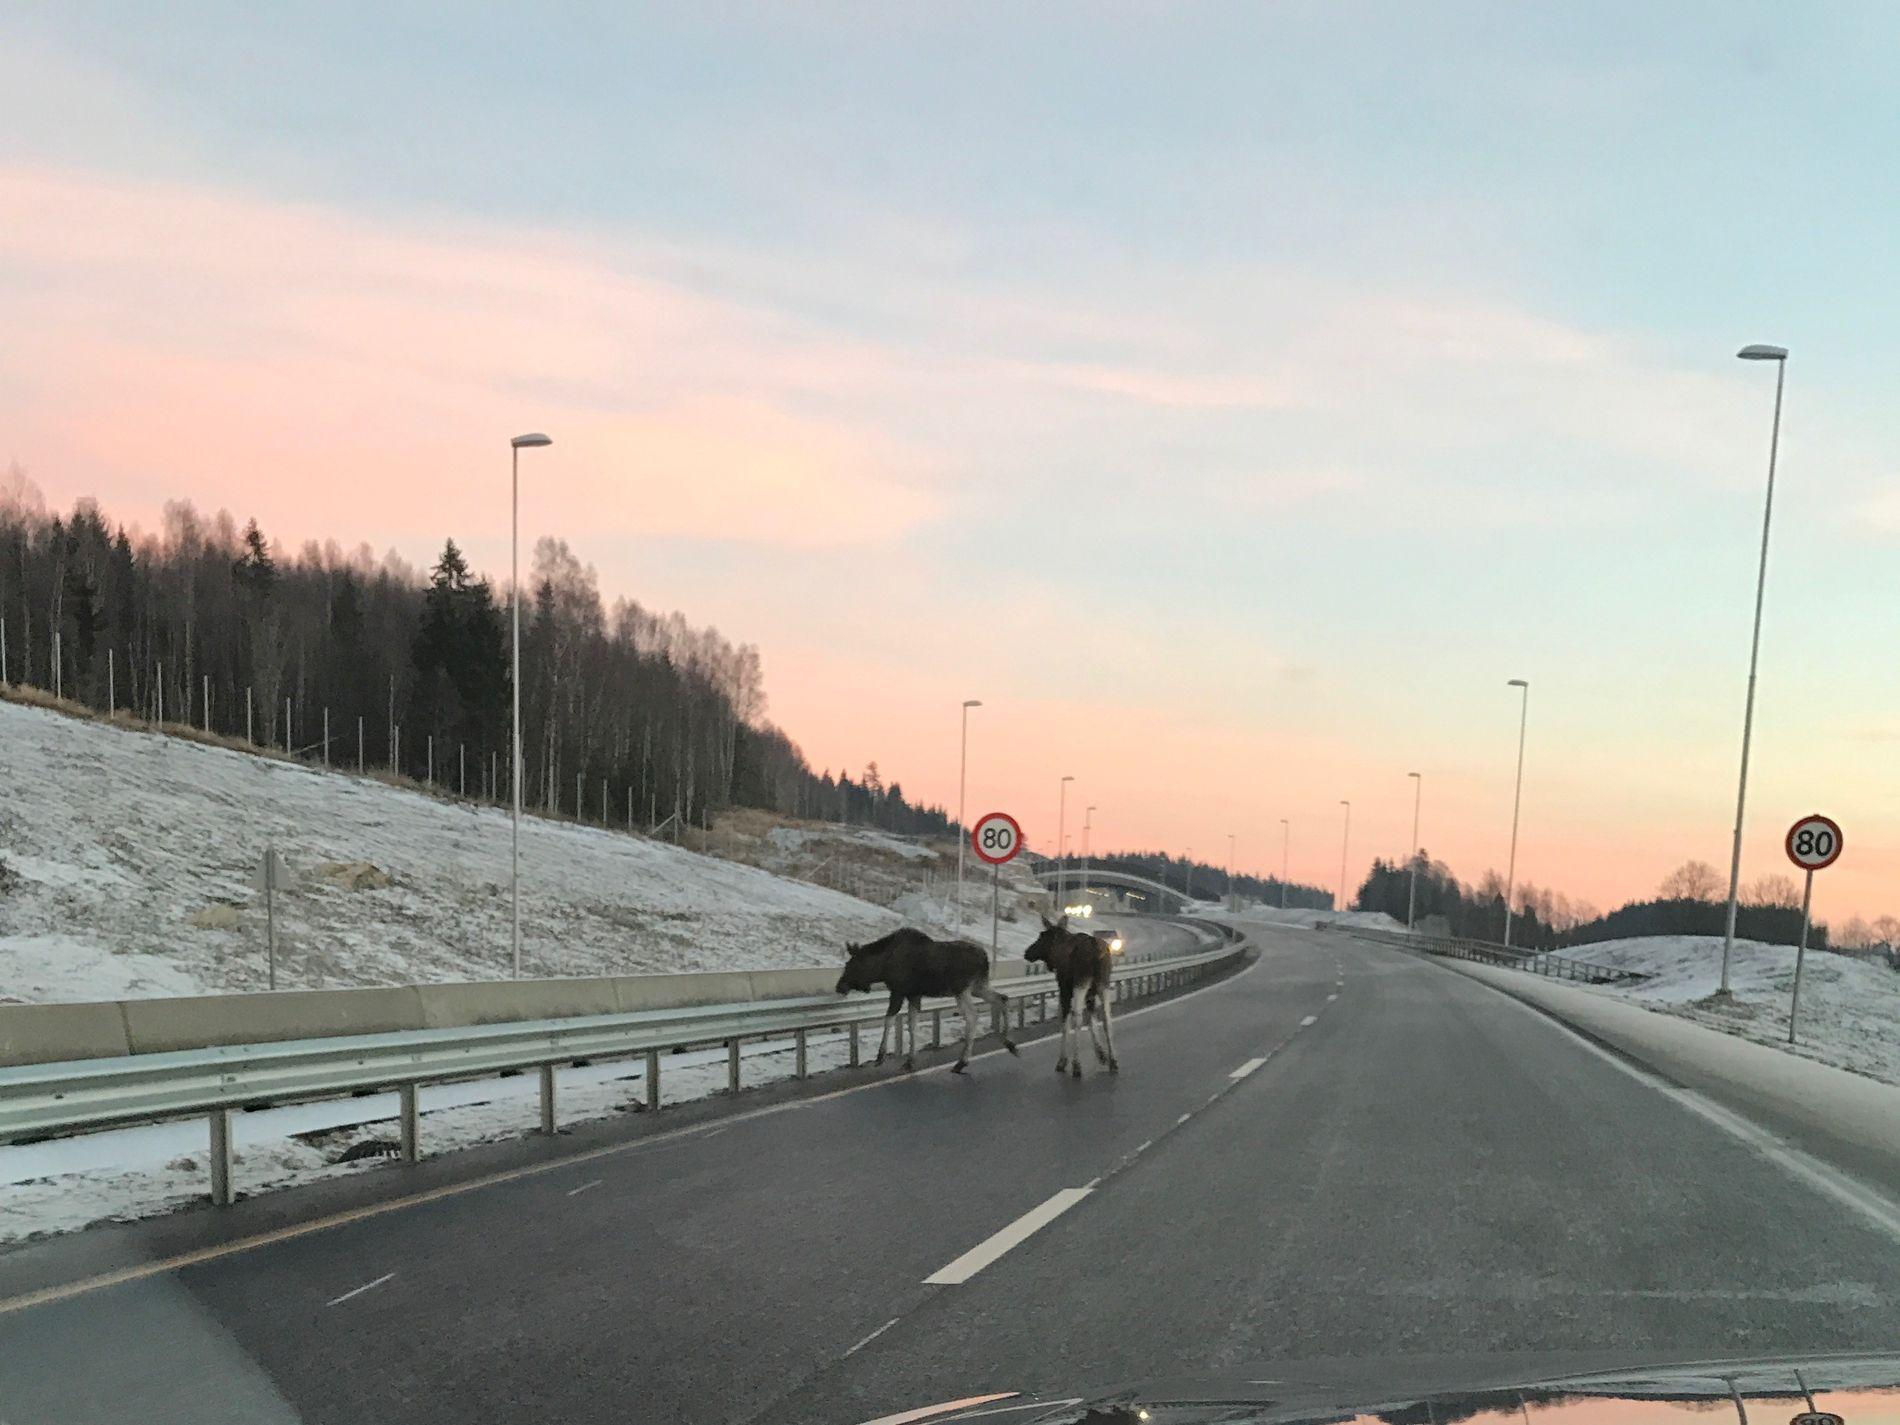 SØNDAGSTUR: To elger forsøker å krysse E18 søndag ettermiddag. Det er bom stopp når de kommer til midtrabatten.